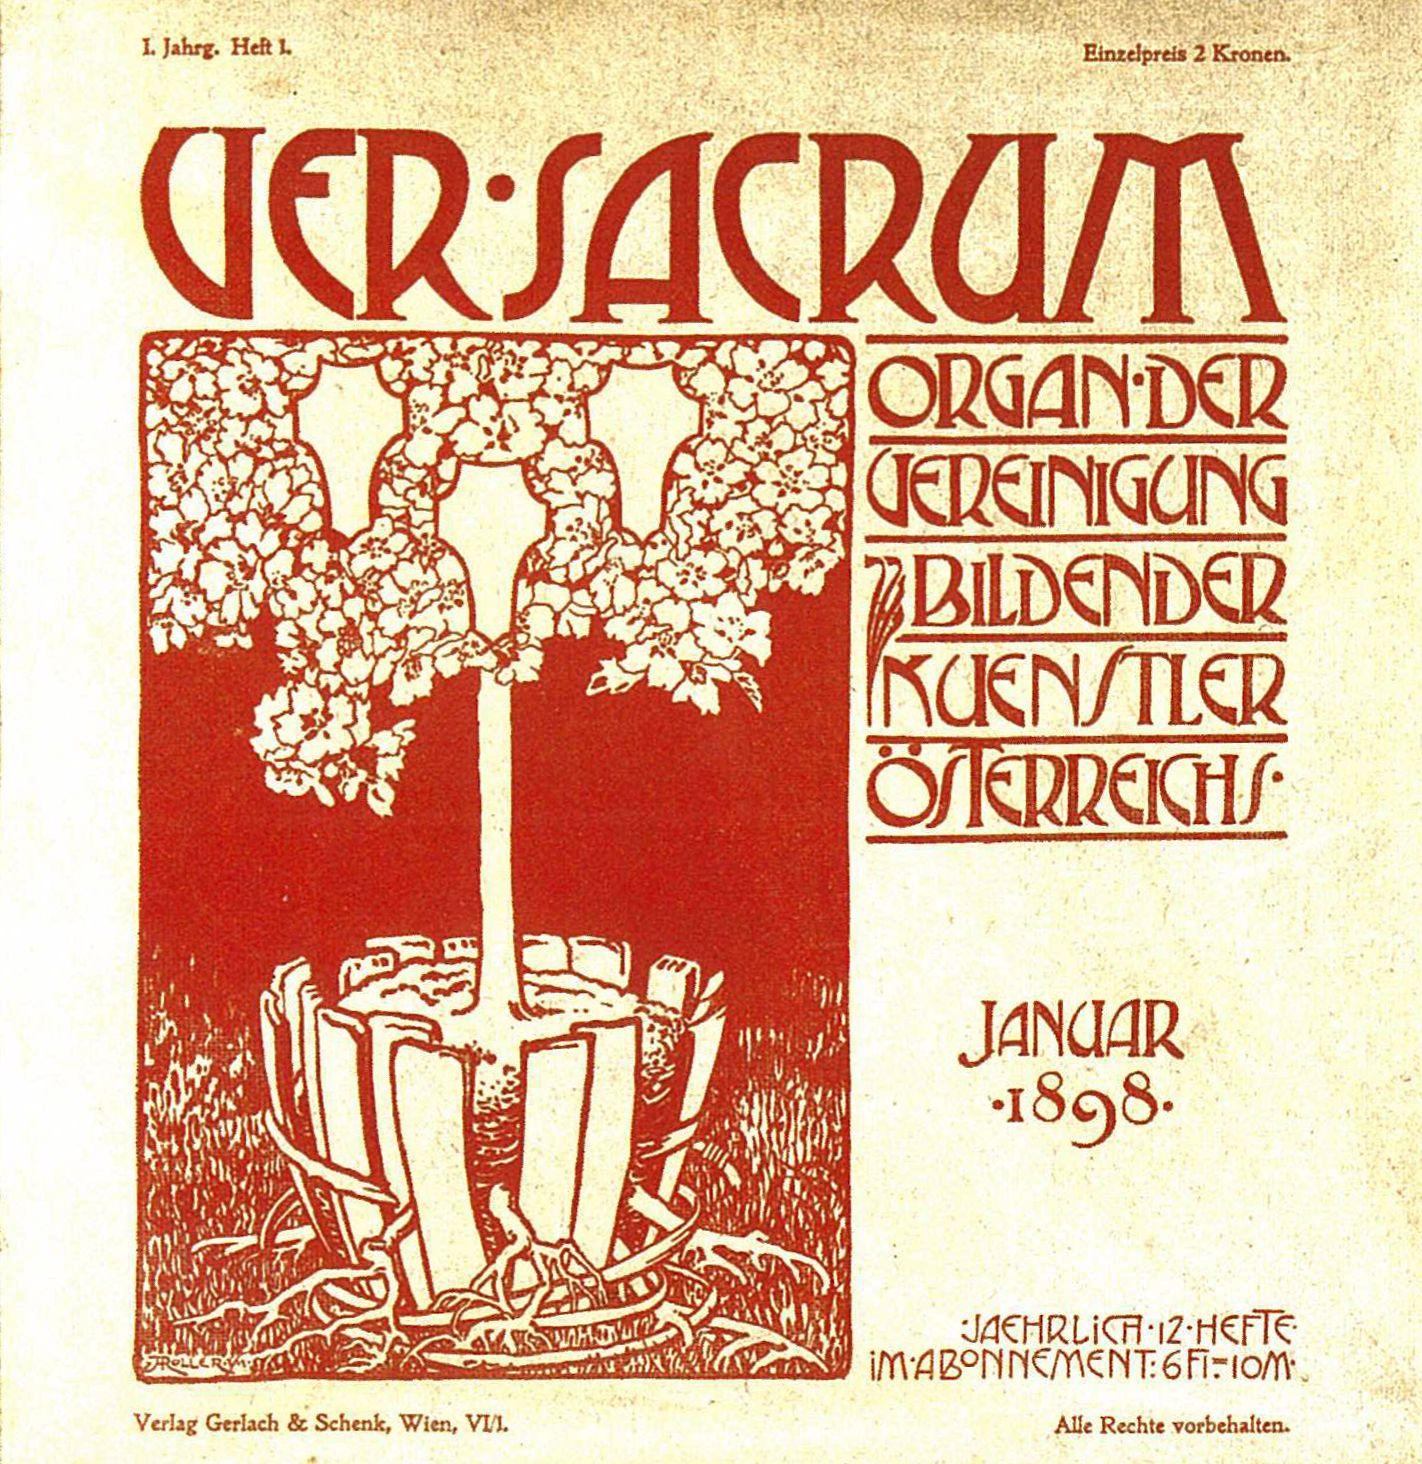 """Versacum era um lema da Secessão que estava na faixa do edifício onde eles estavam """"instalados""""."""